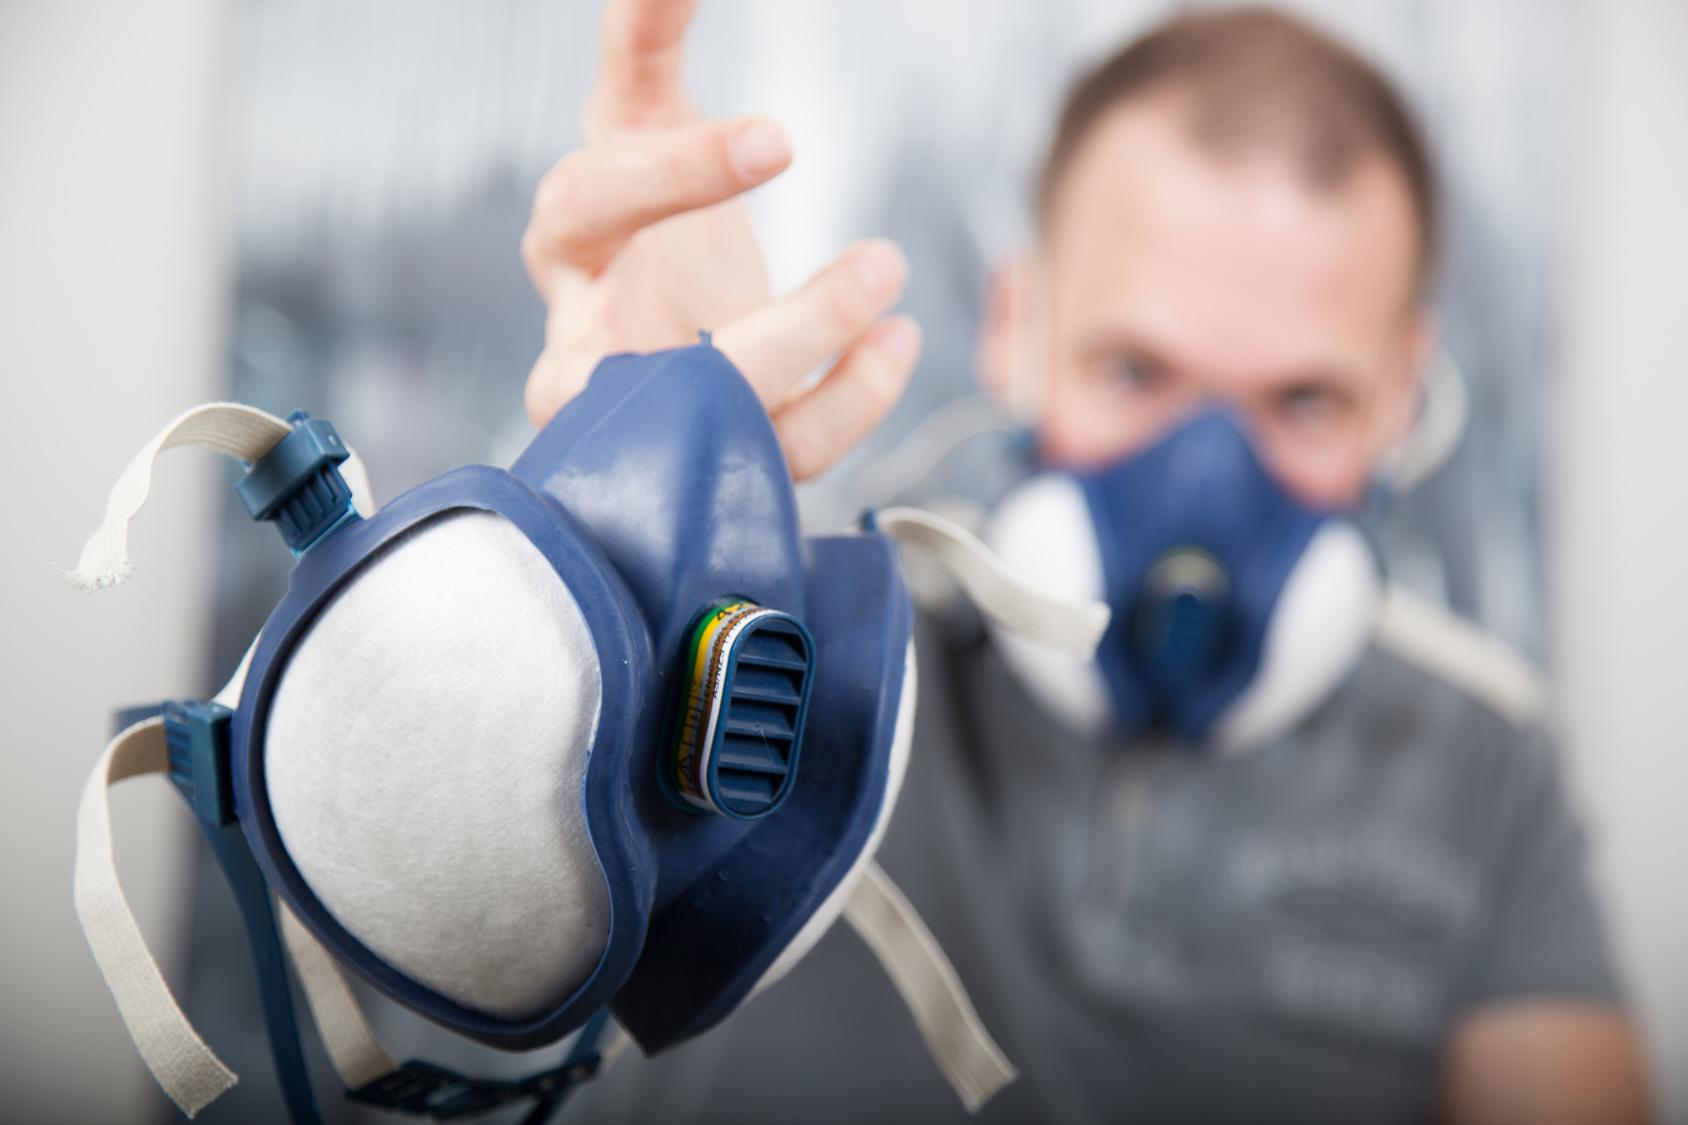 Der Umgang mit Atemschutzgeräten muss unterwiesen werden